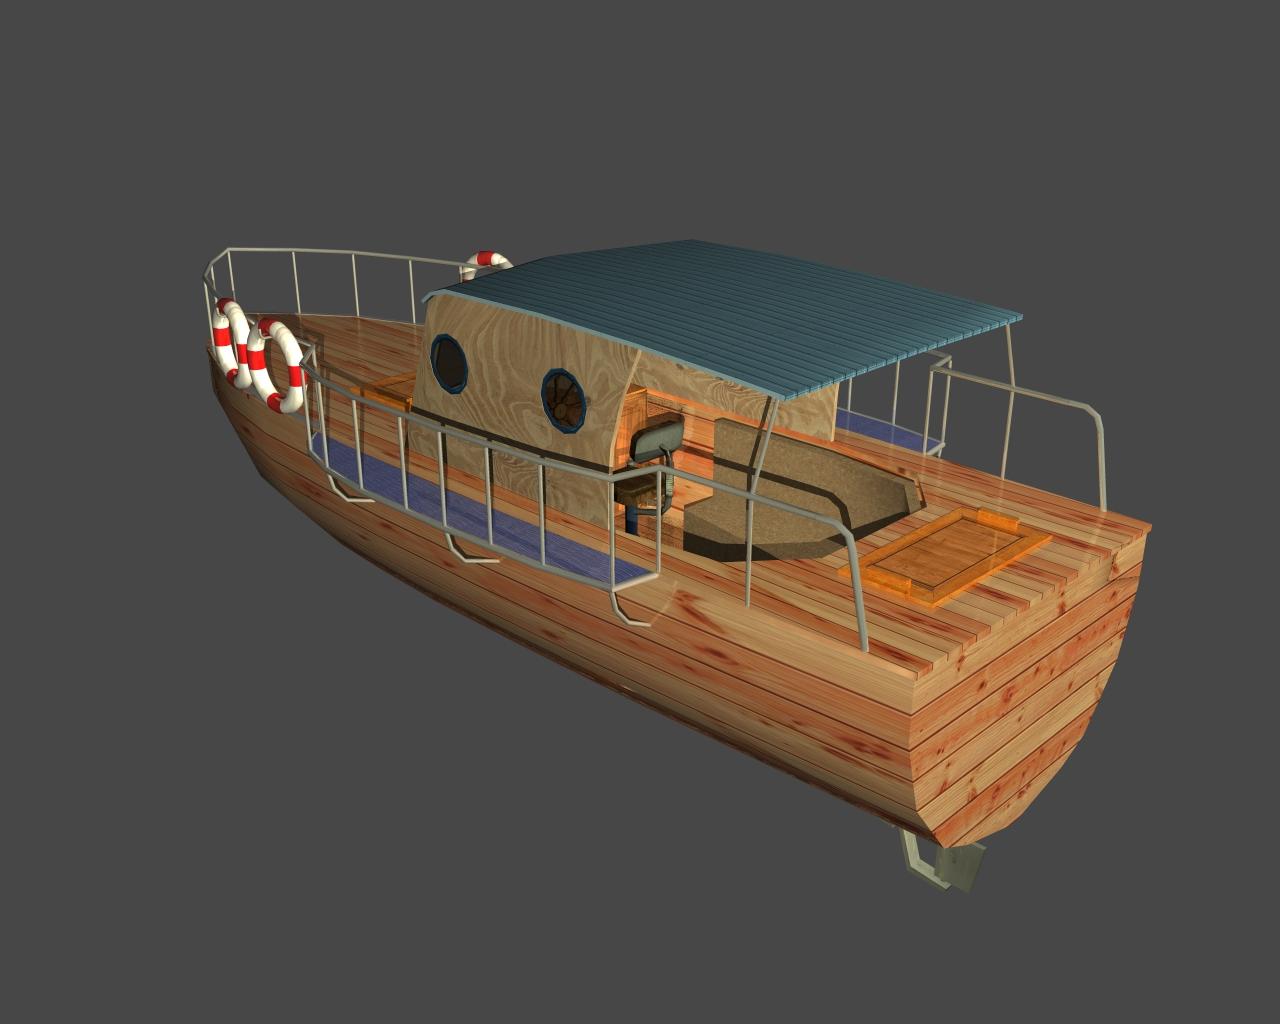 jauns laiva 3d 3ds 165407